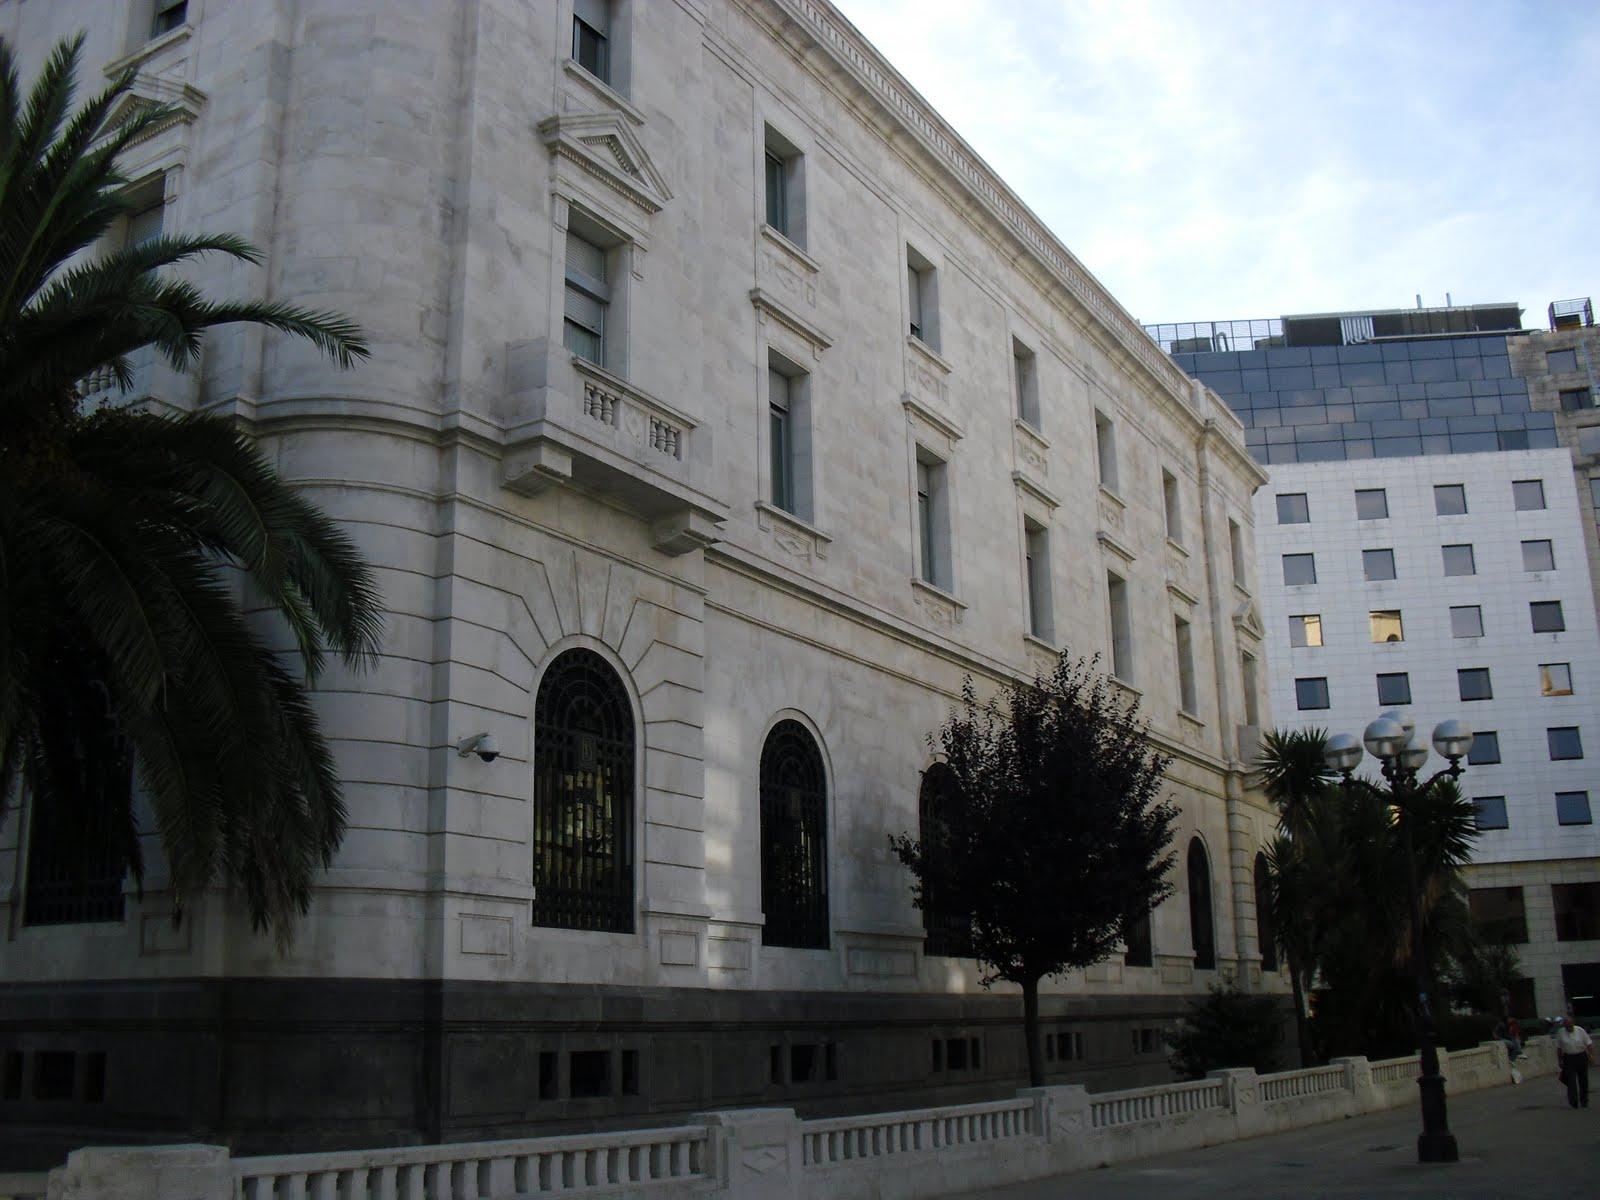 La ciudad habla edificio banco de espa a en santander for Banco santander abierto sabado madrid